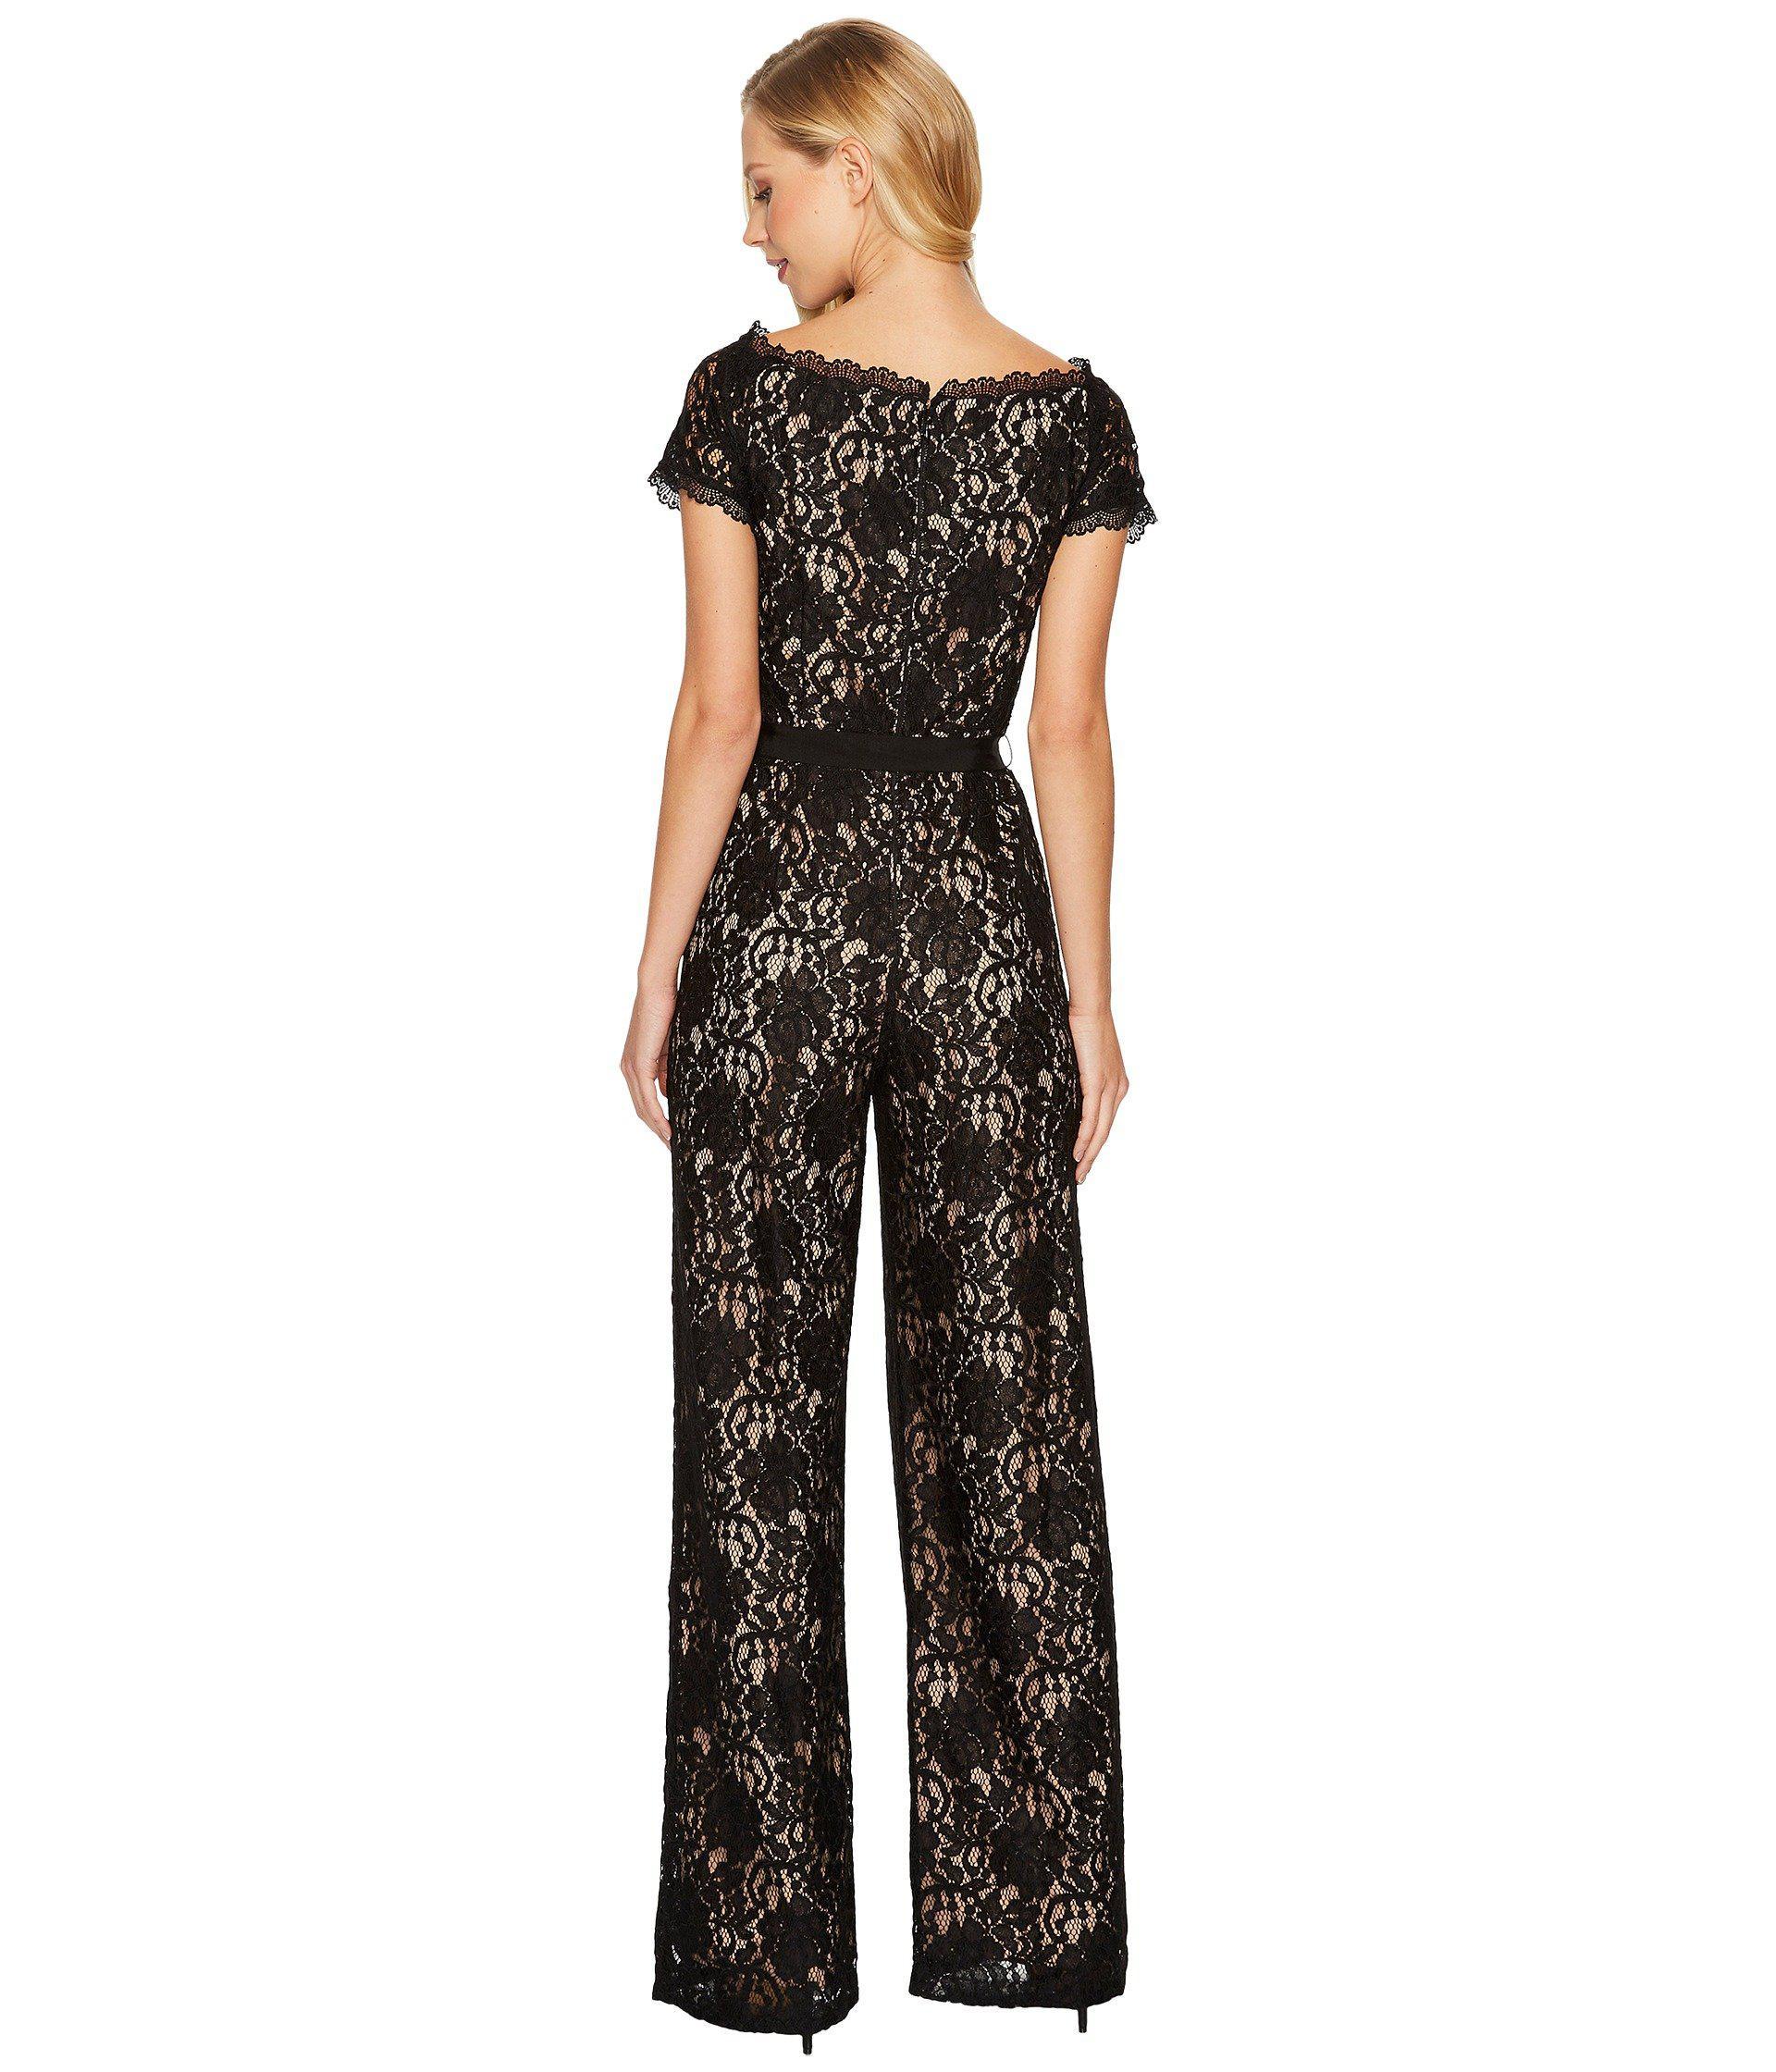 175b48ecdb87 Lyst - Adrianna Papell Juliet Lace Jumpsuit in Black